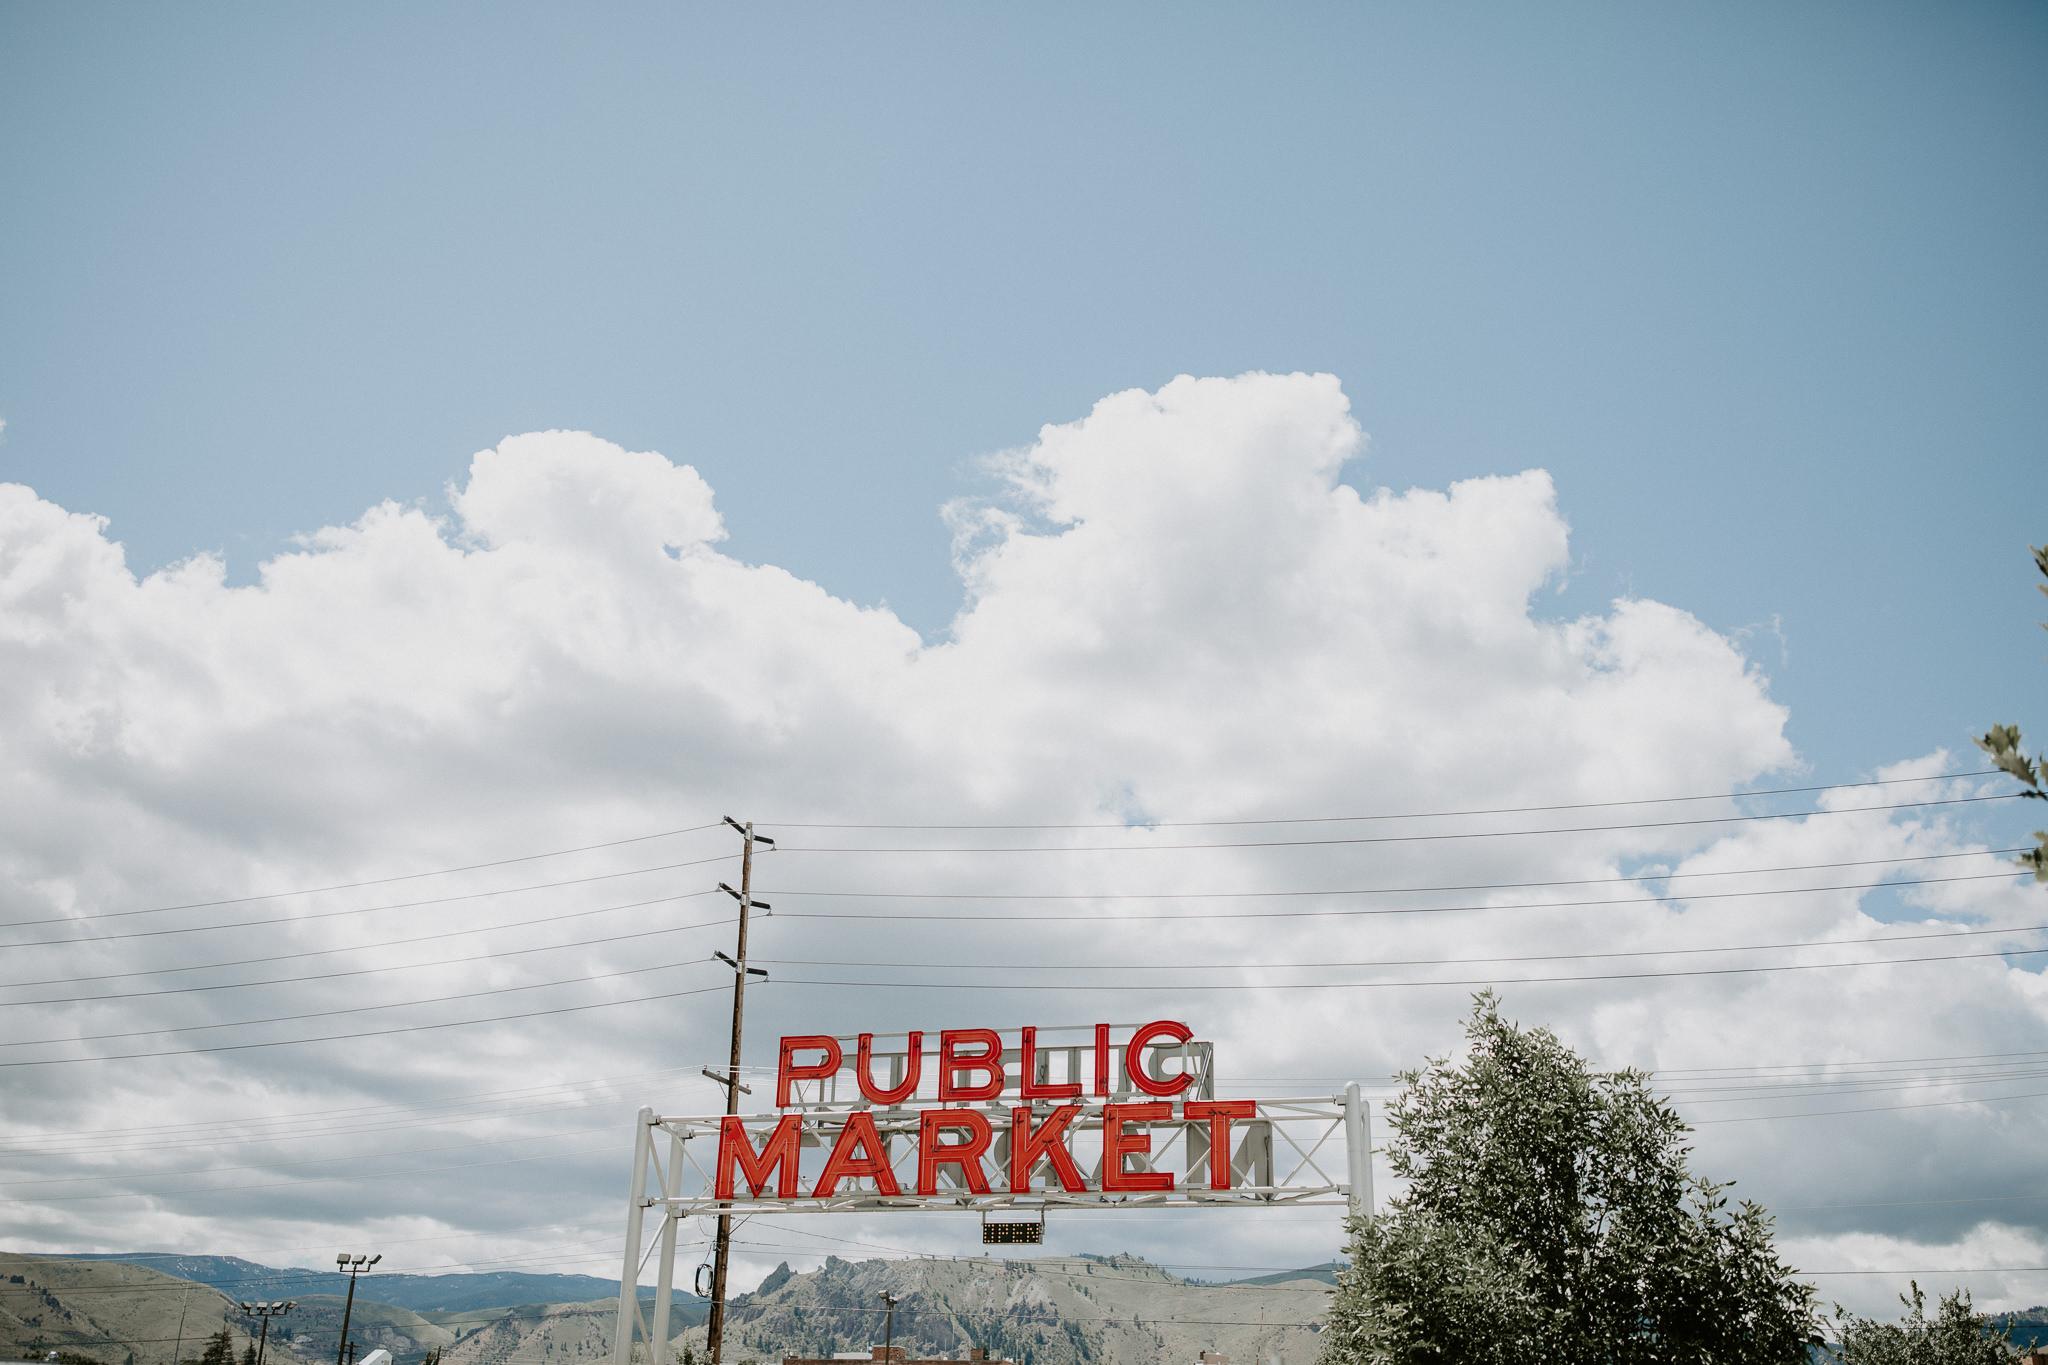 Pybus Public Market in Wenatchee, Washington